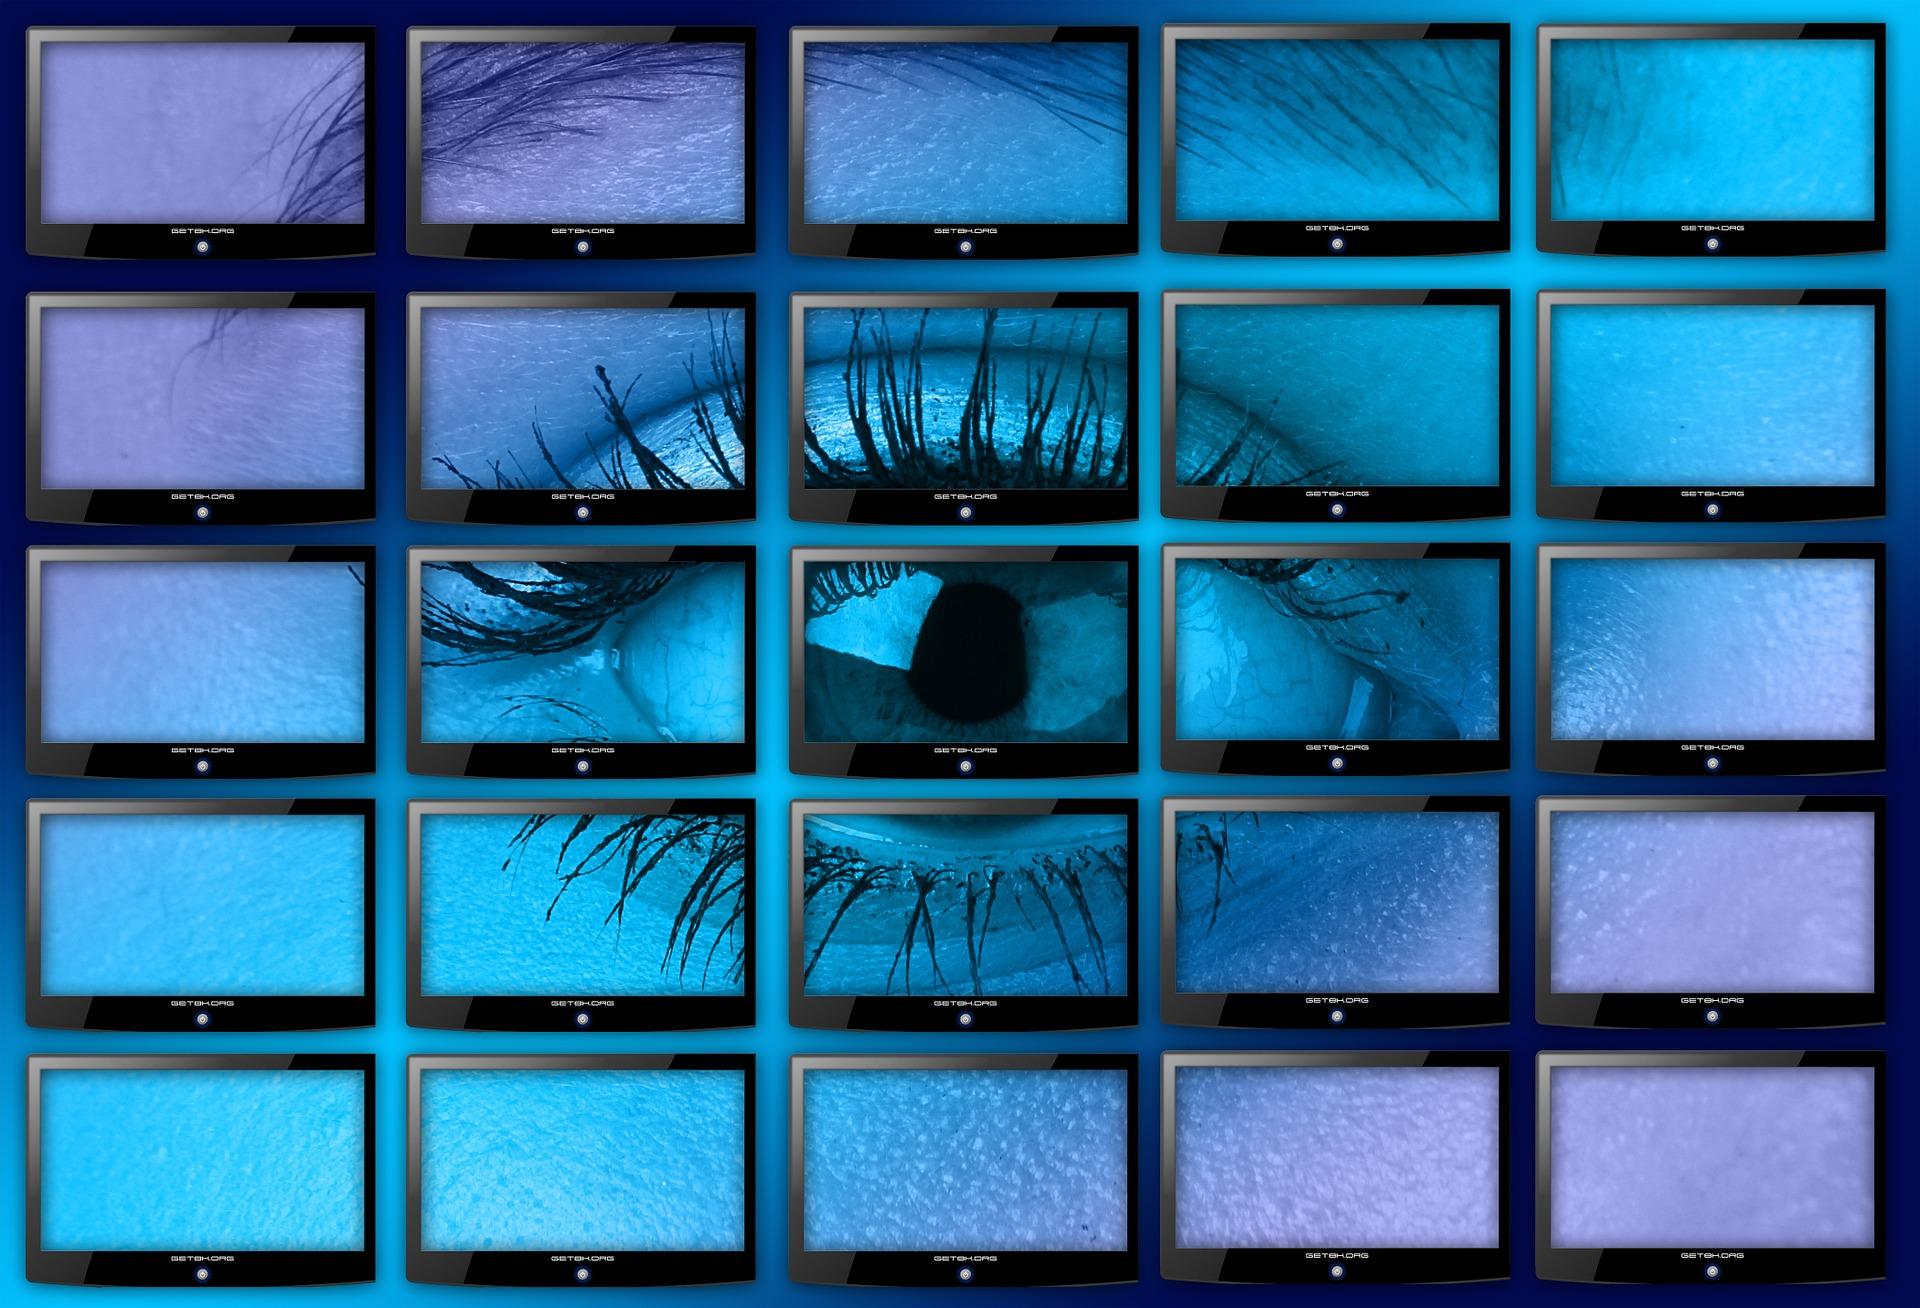 La vidéo surveillance constante du lieu où un salarié travaille seul est disproprotionnée